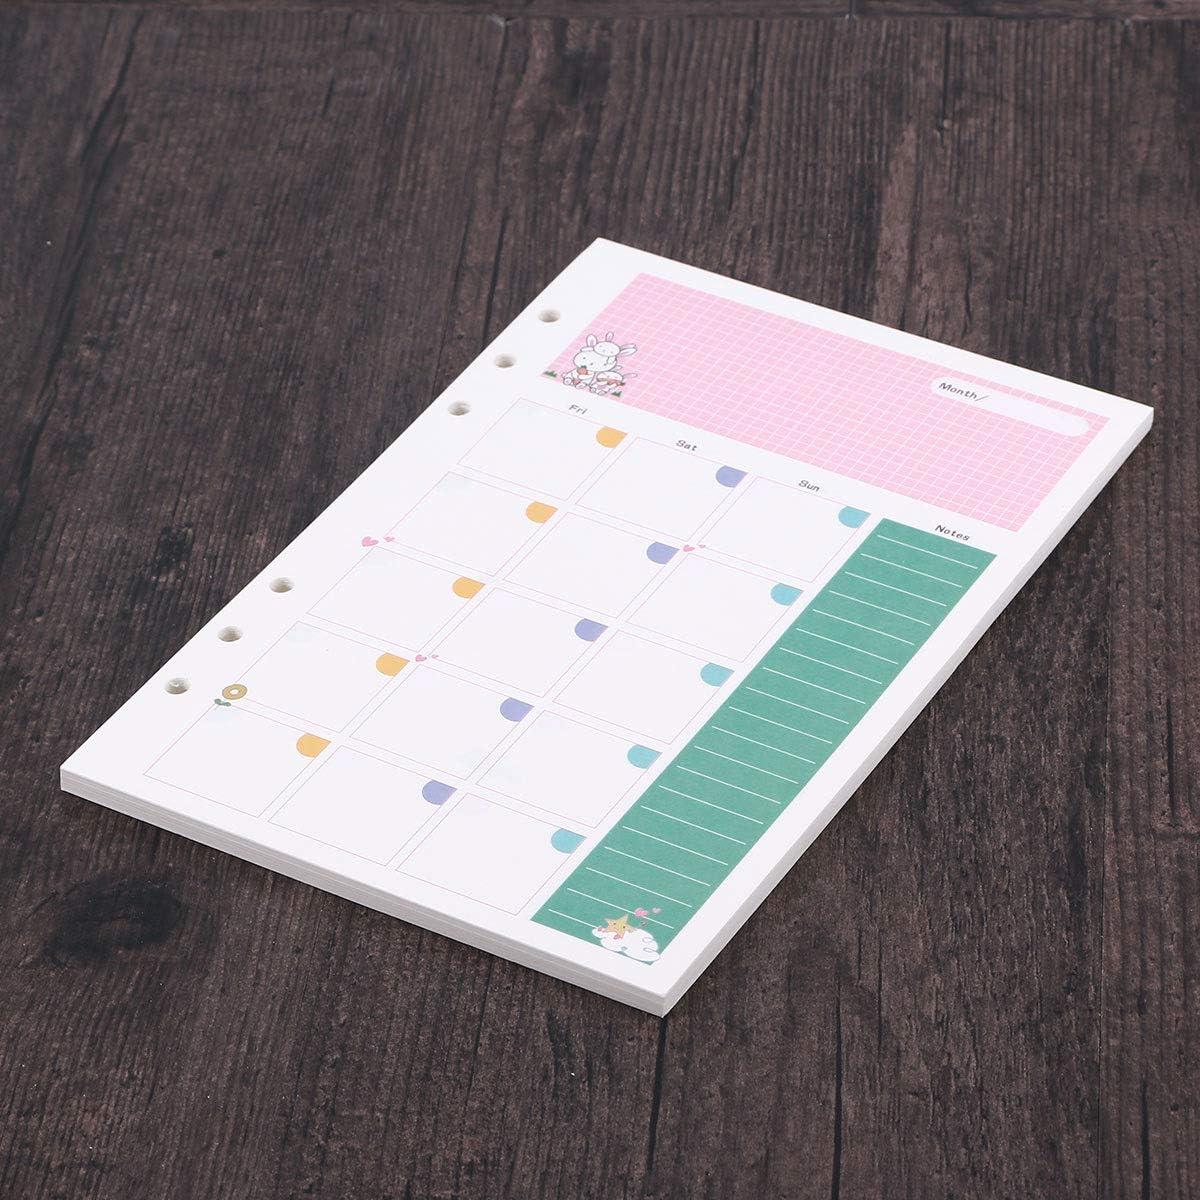 YeahiBaby 2pcs ricariche Colorate Inserti Formato A5 Fori 6 Fogli di Carta Sfusa riempitivo di Carta ricariche per Notebook a Spirale mensile Planner Notepad Modello Piano mensile